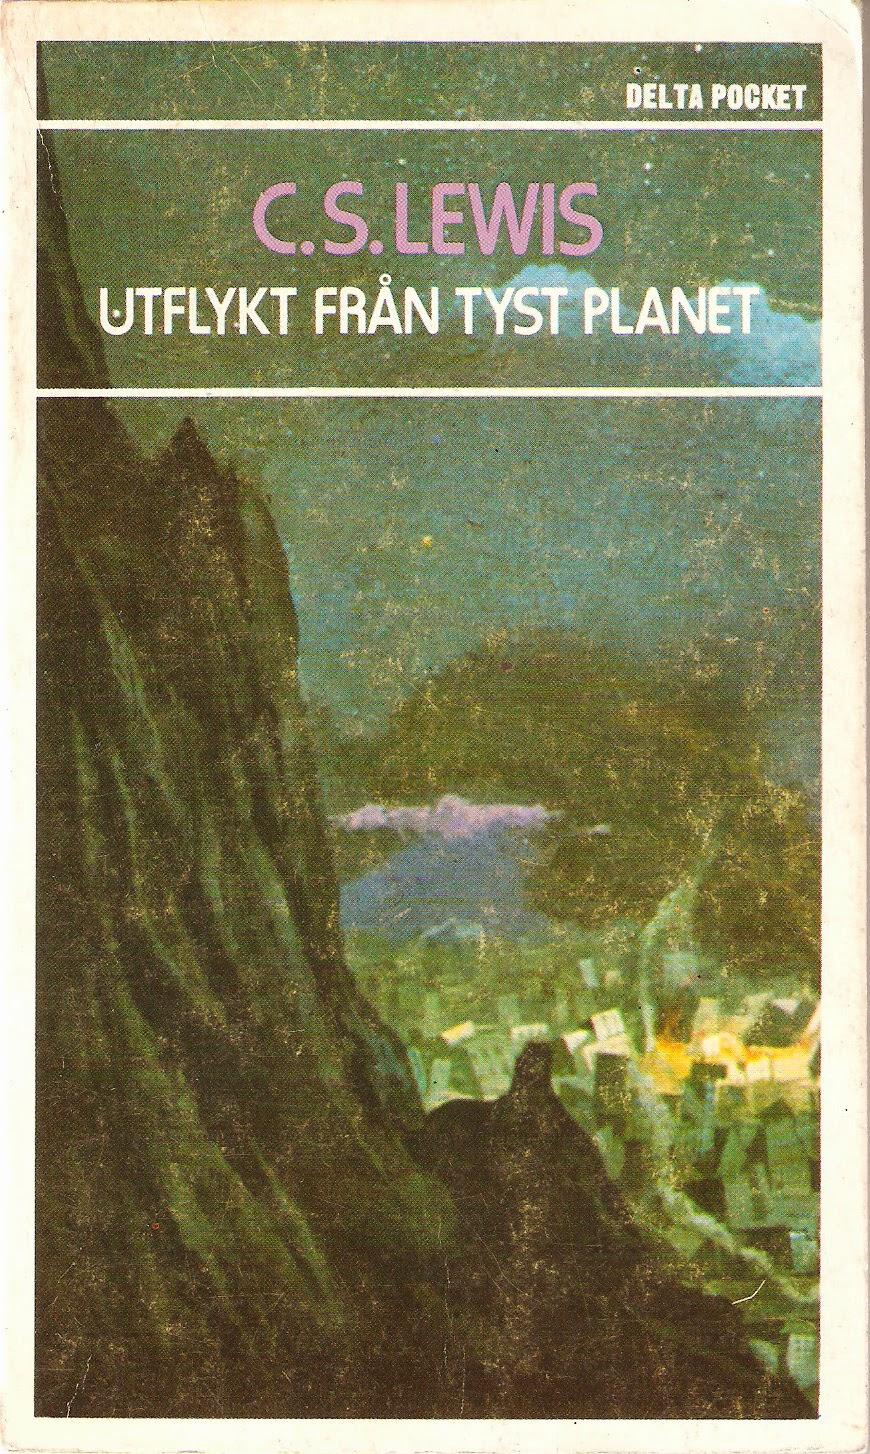 C. S. Lewis - Utflykt från tyst planet bokpärm